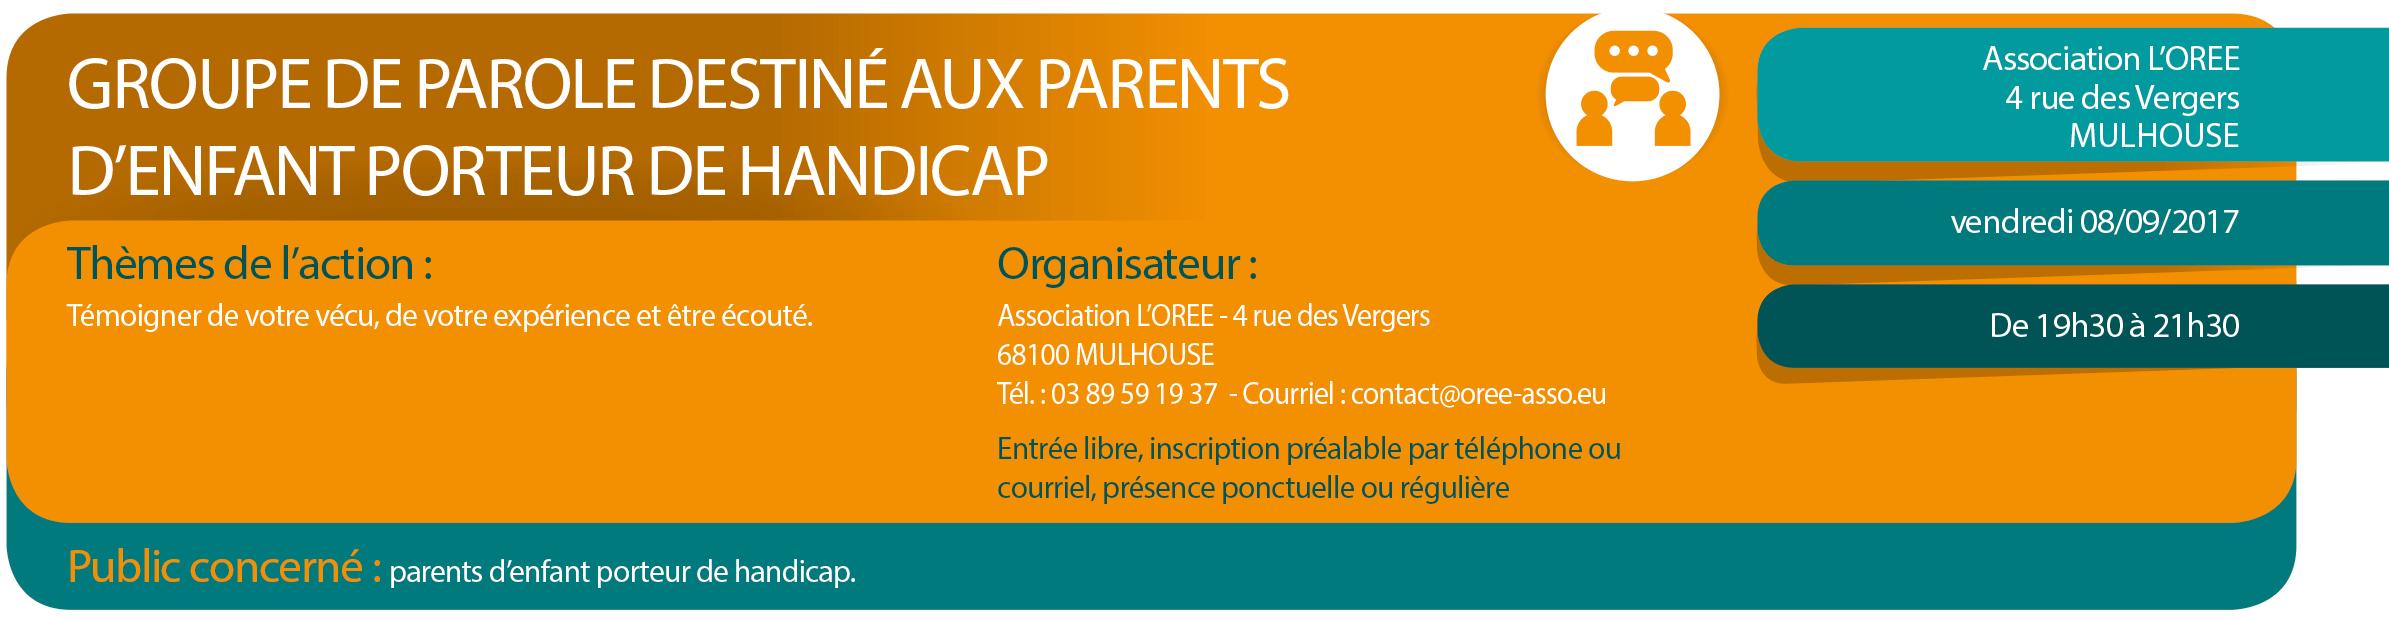 Groupe de parole - Enfants porteurs de handicap à Mulhouse - Réseau Parents 68